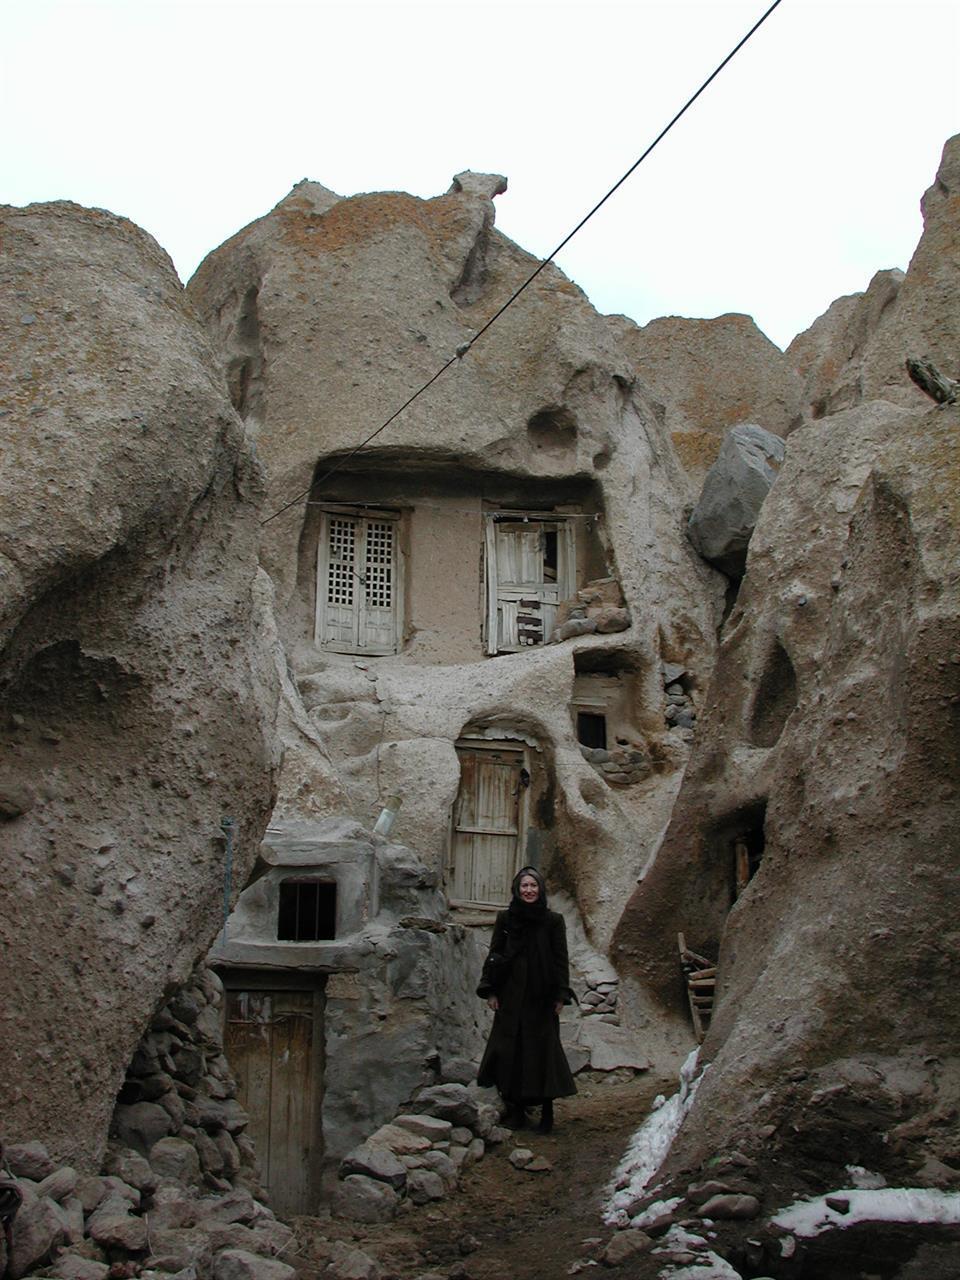 Huleby i iransk Azerbaidsjan